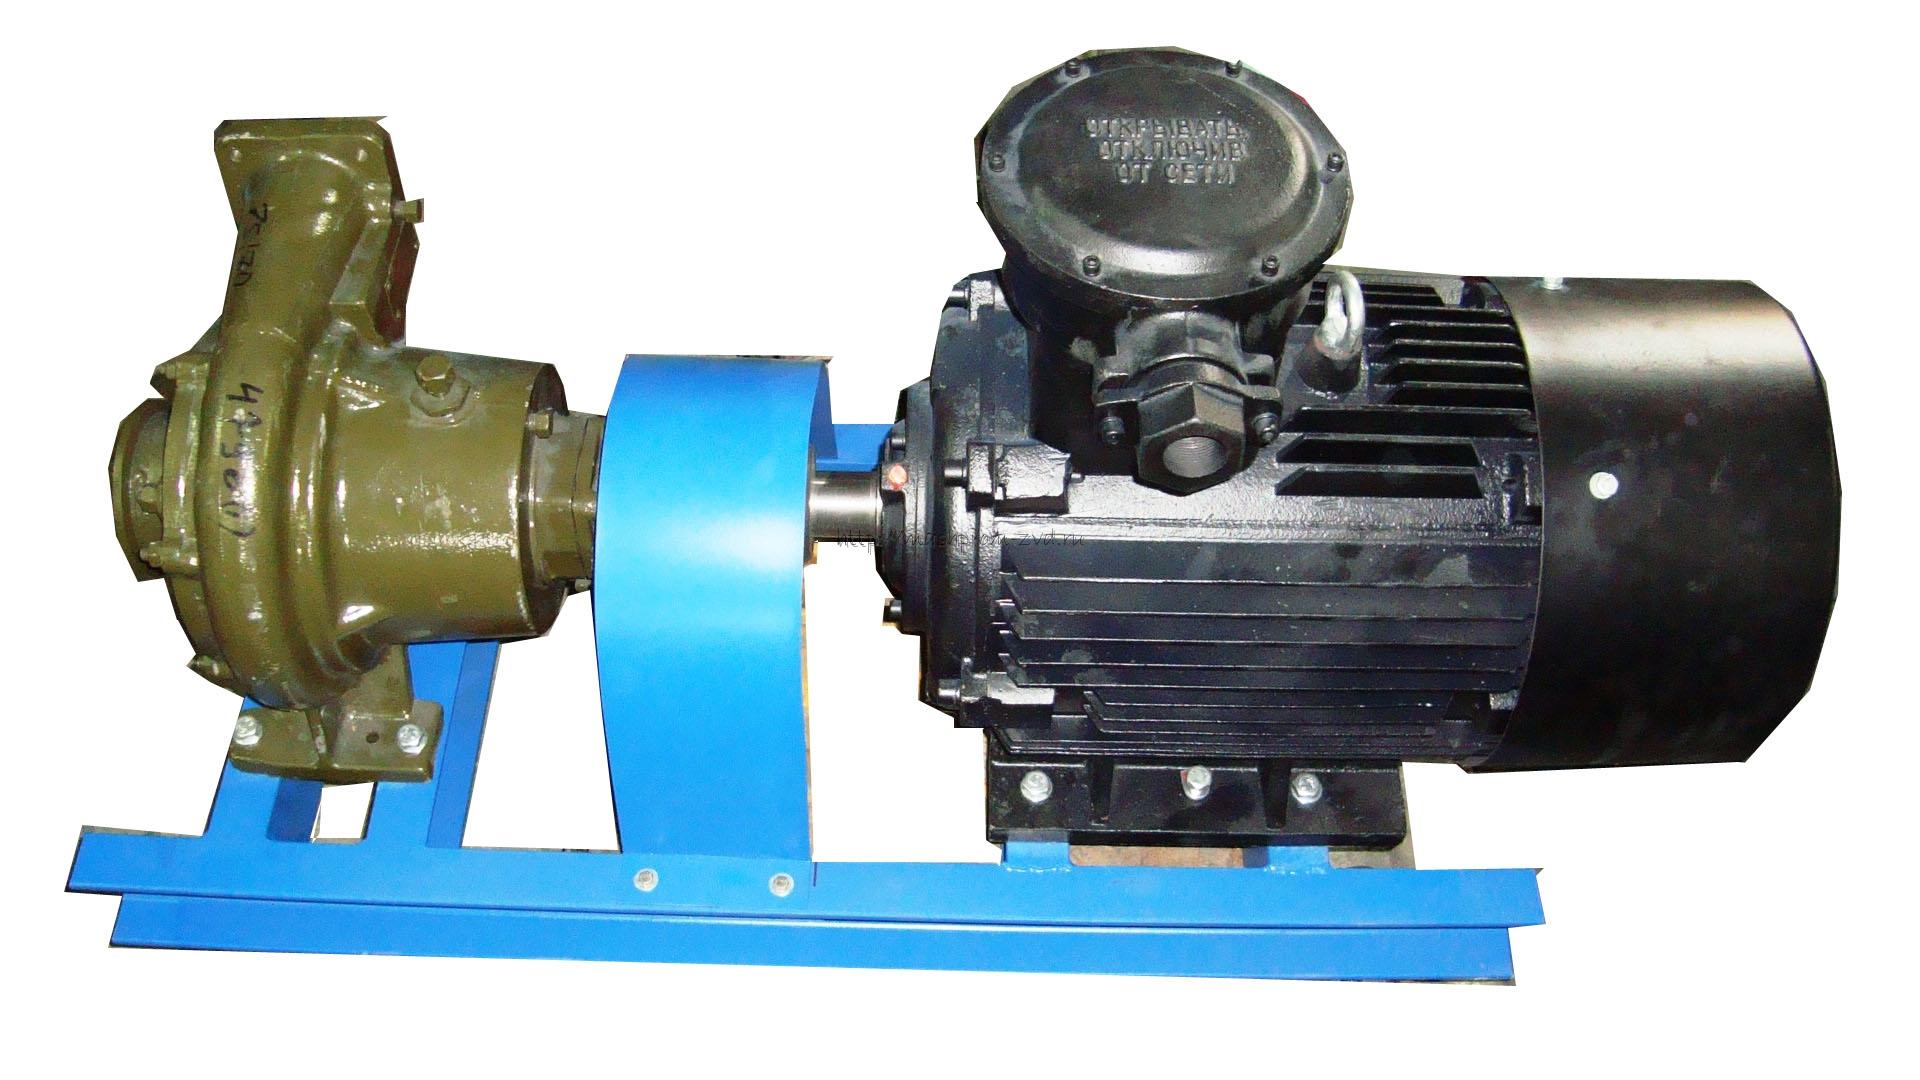 Агрегат насосный АСЦН 75/70, АСЦН 90/80, электродвигатель 22, 30, 37 кВт взрывозащищенный или общепромышленный